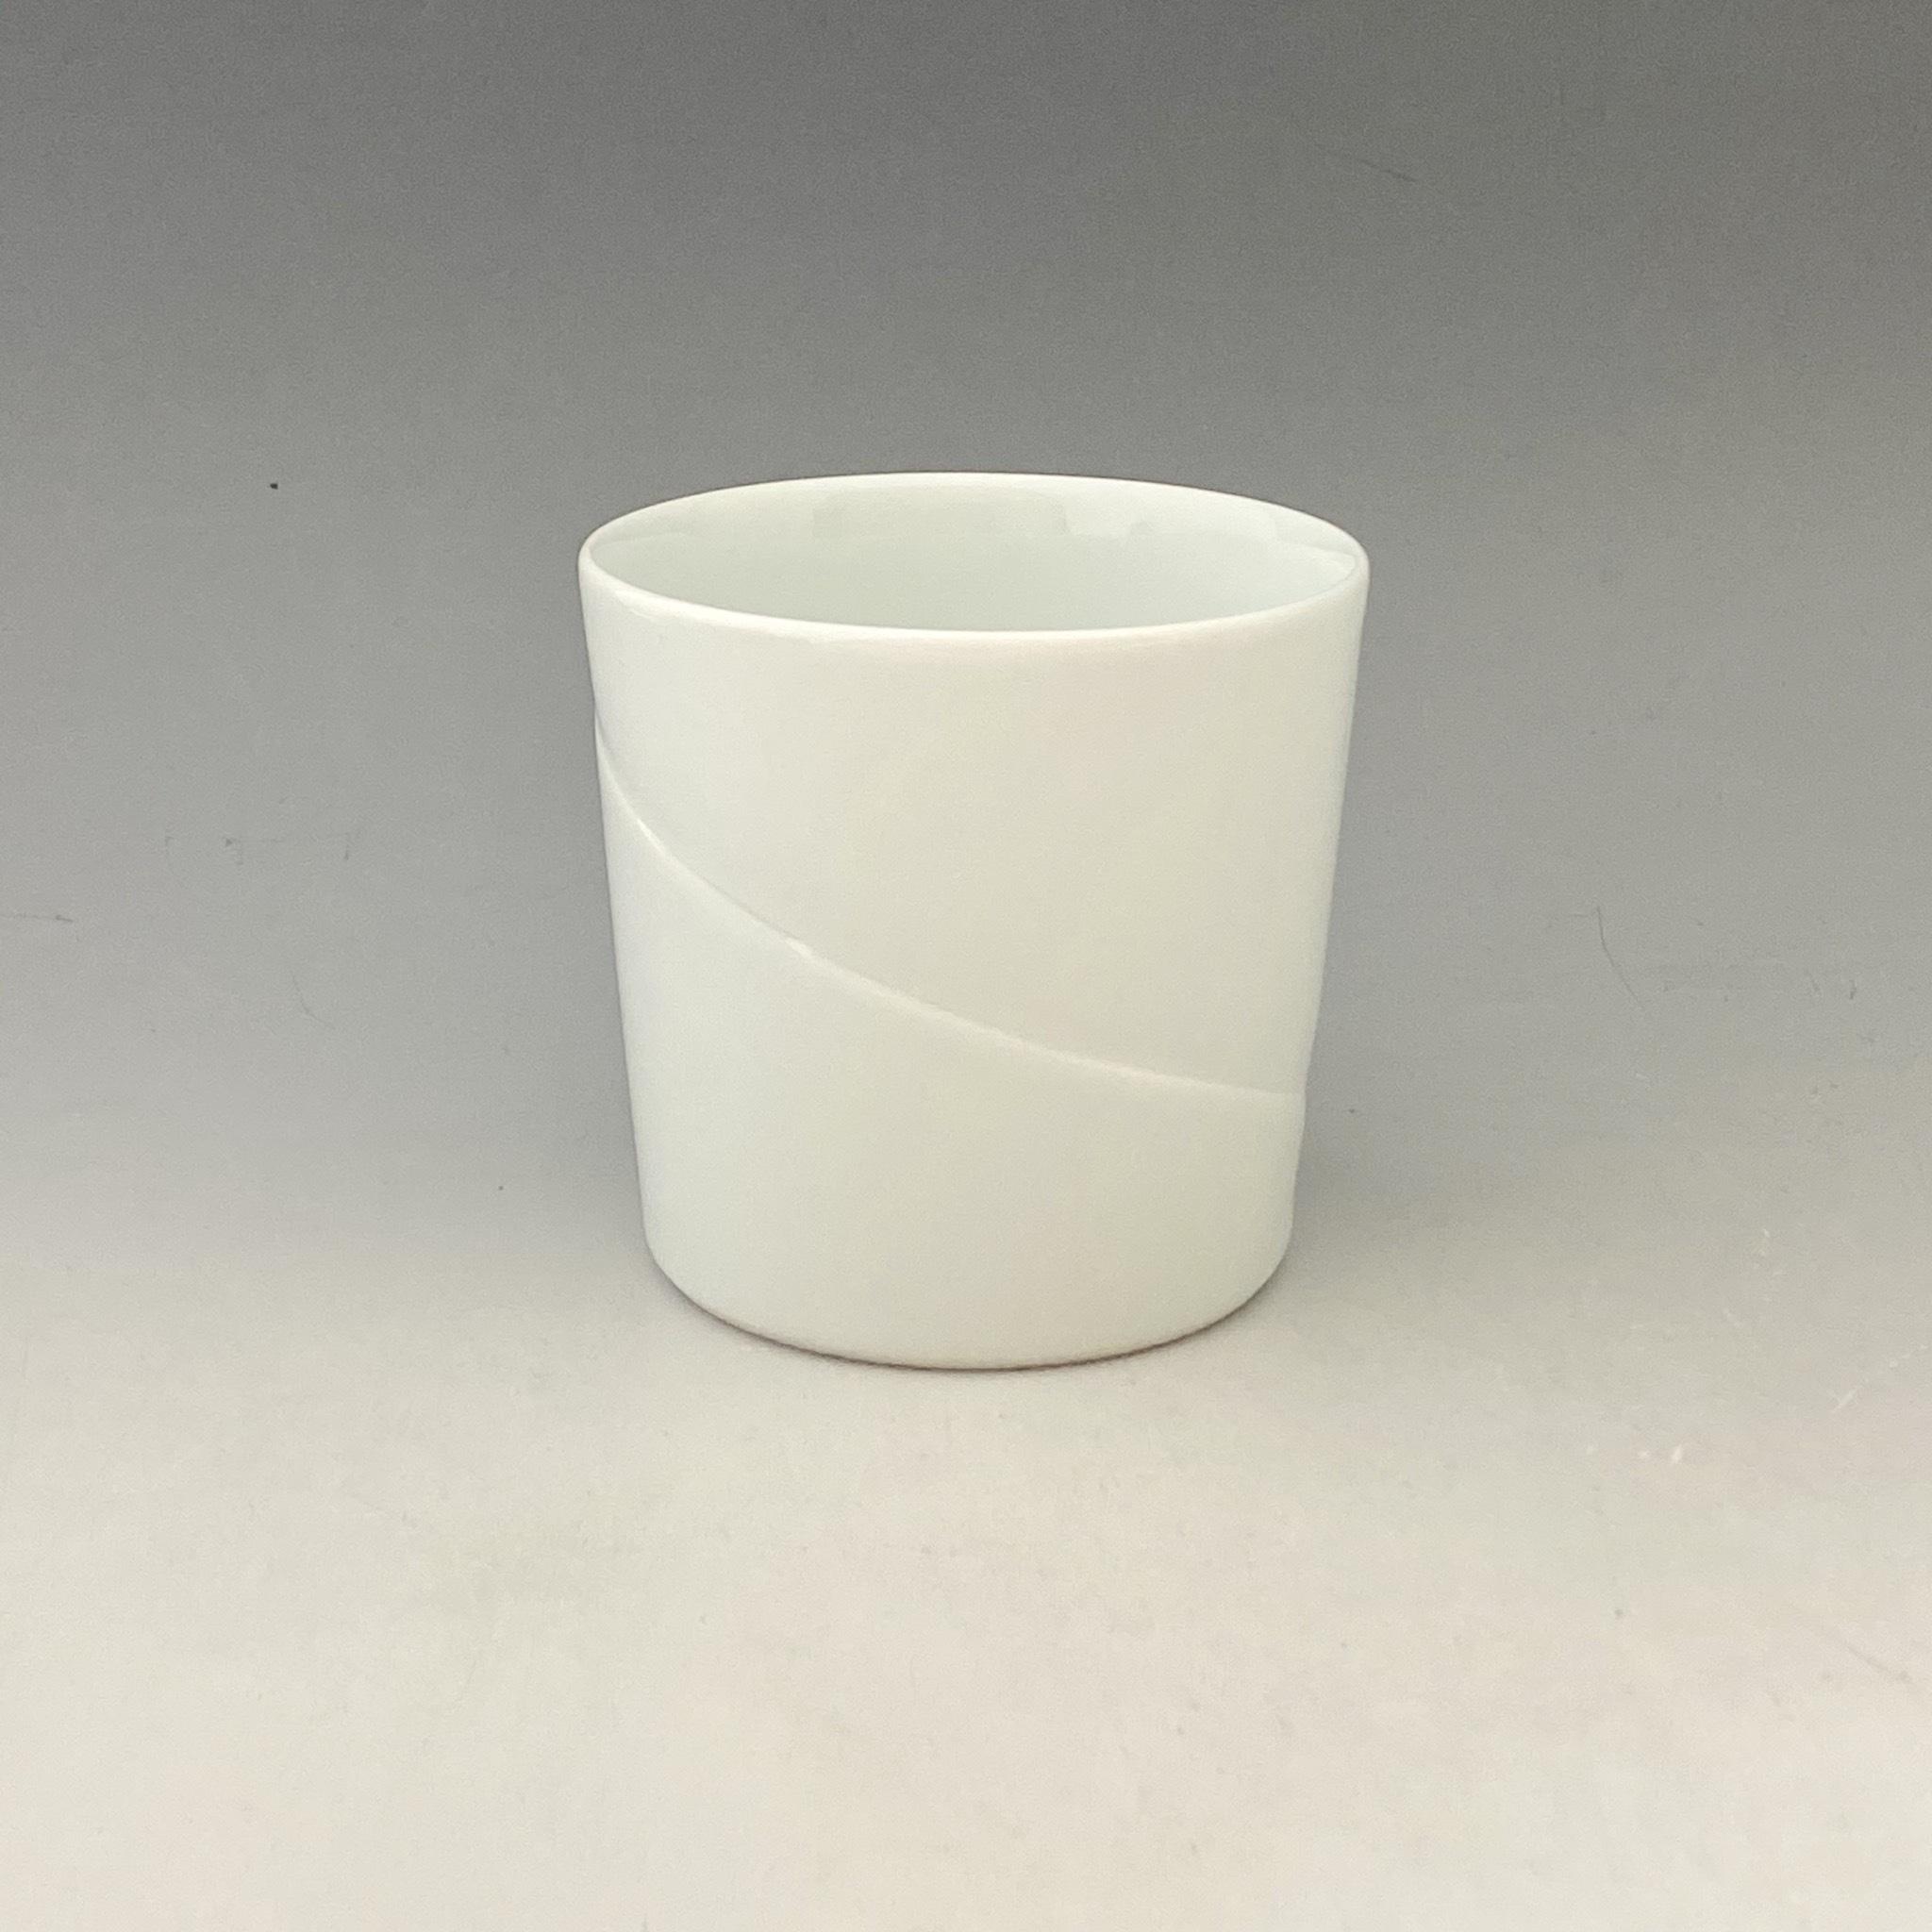 【中尾恭純】白磁線彫フリーカップ